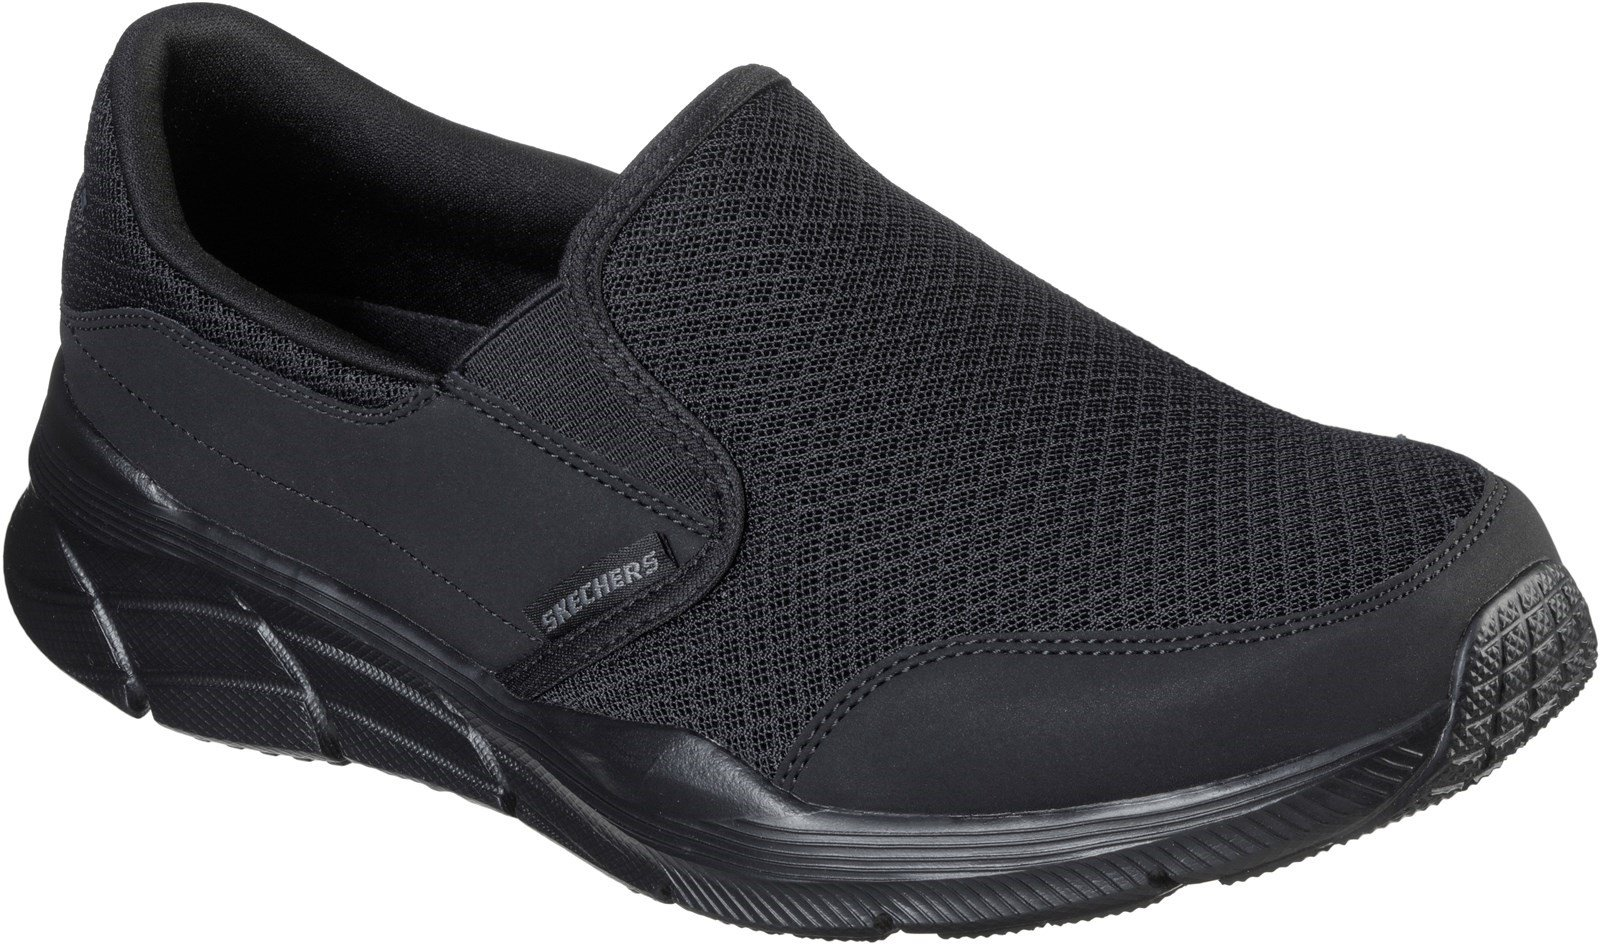 Skechers Men's Equalizer 4.0 Slip On Comfort Trainer Various Colours 32181 - Black/Black 6